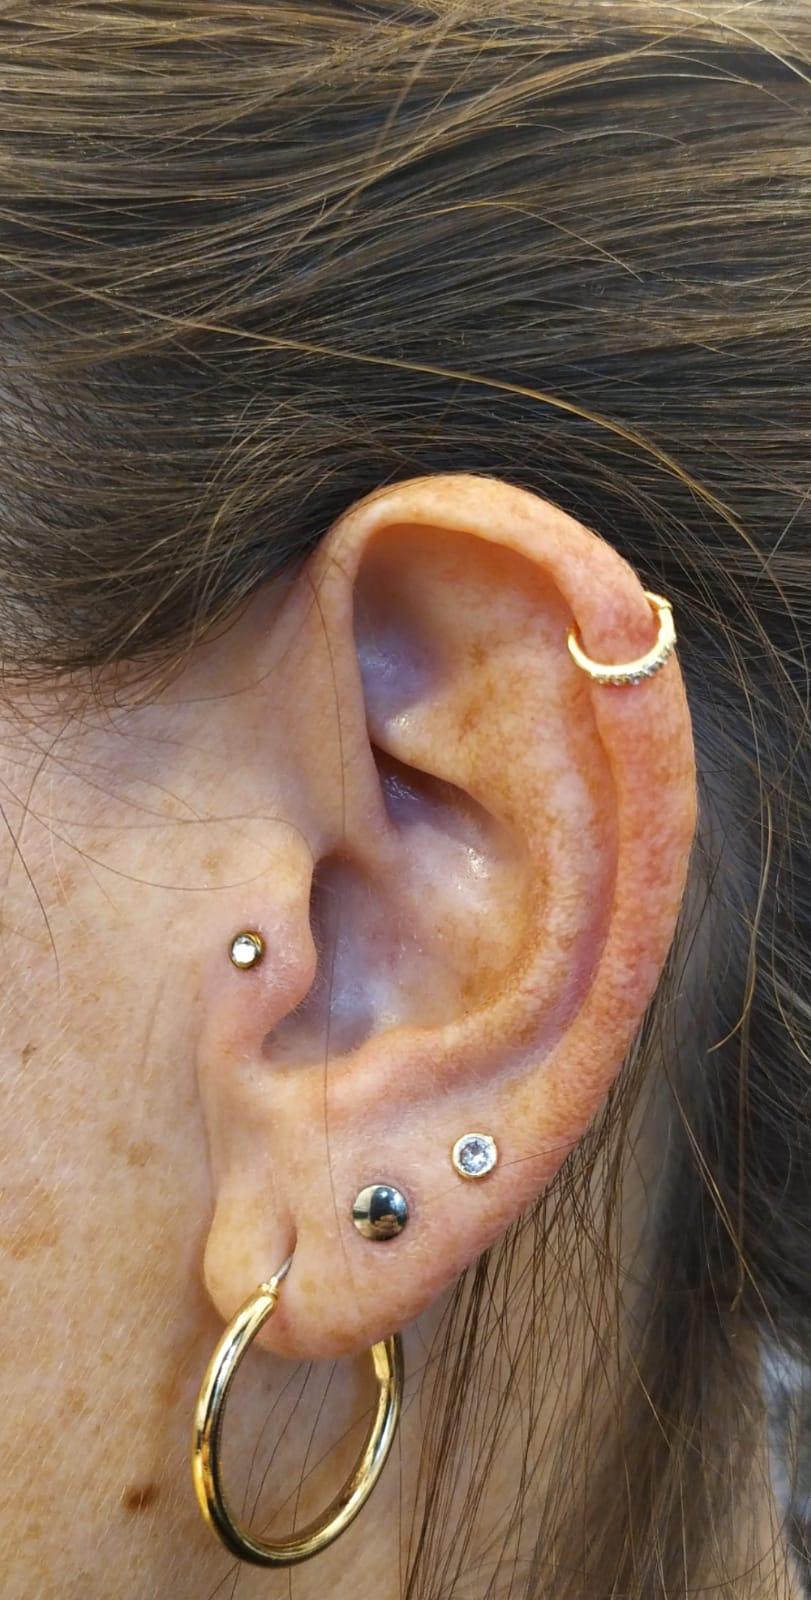 helix tragus lobe 14K gold פריסינג טראגוס הליקס האליקס תנוכים ניקוב שני ניקוב שלישי זהב